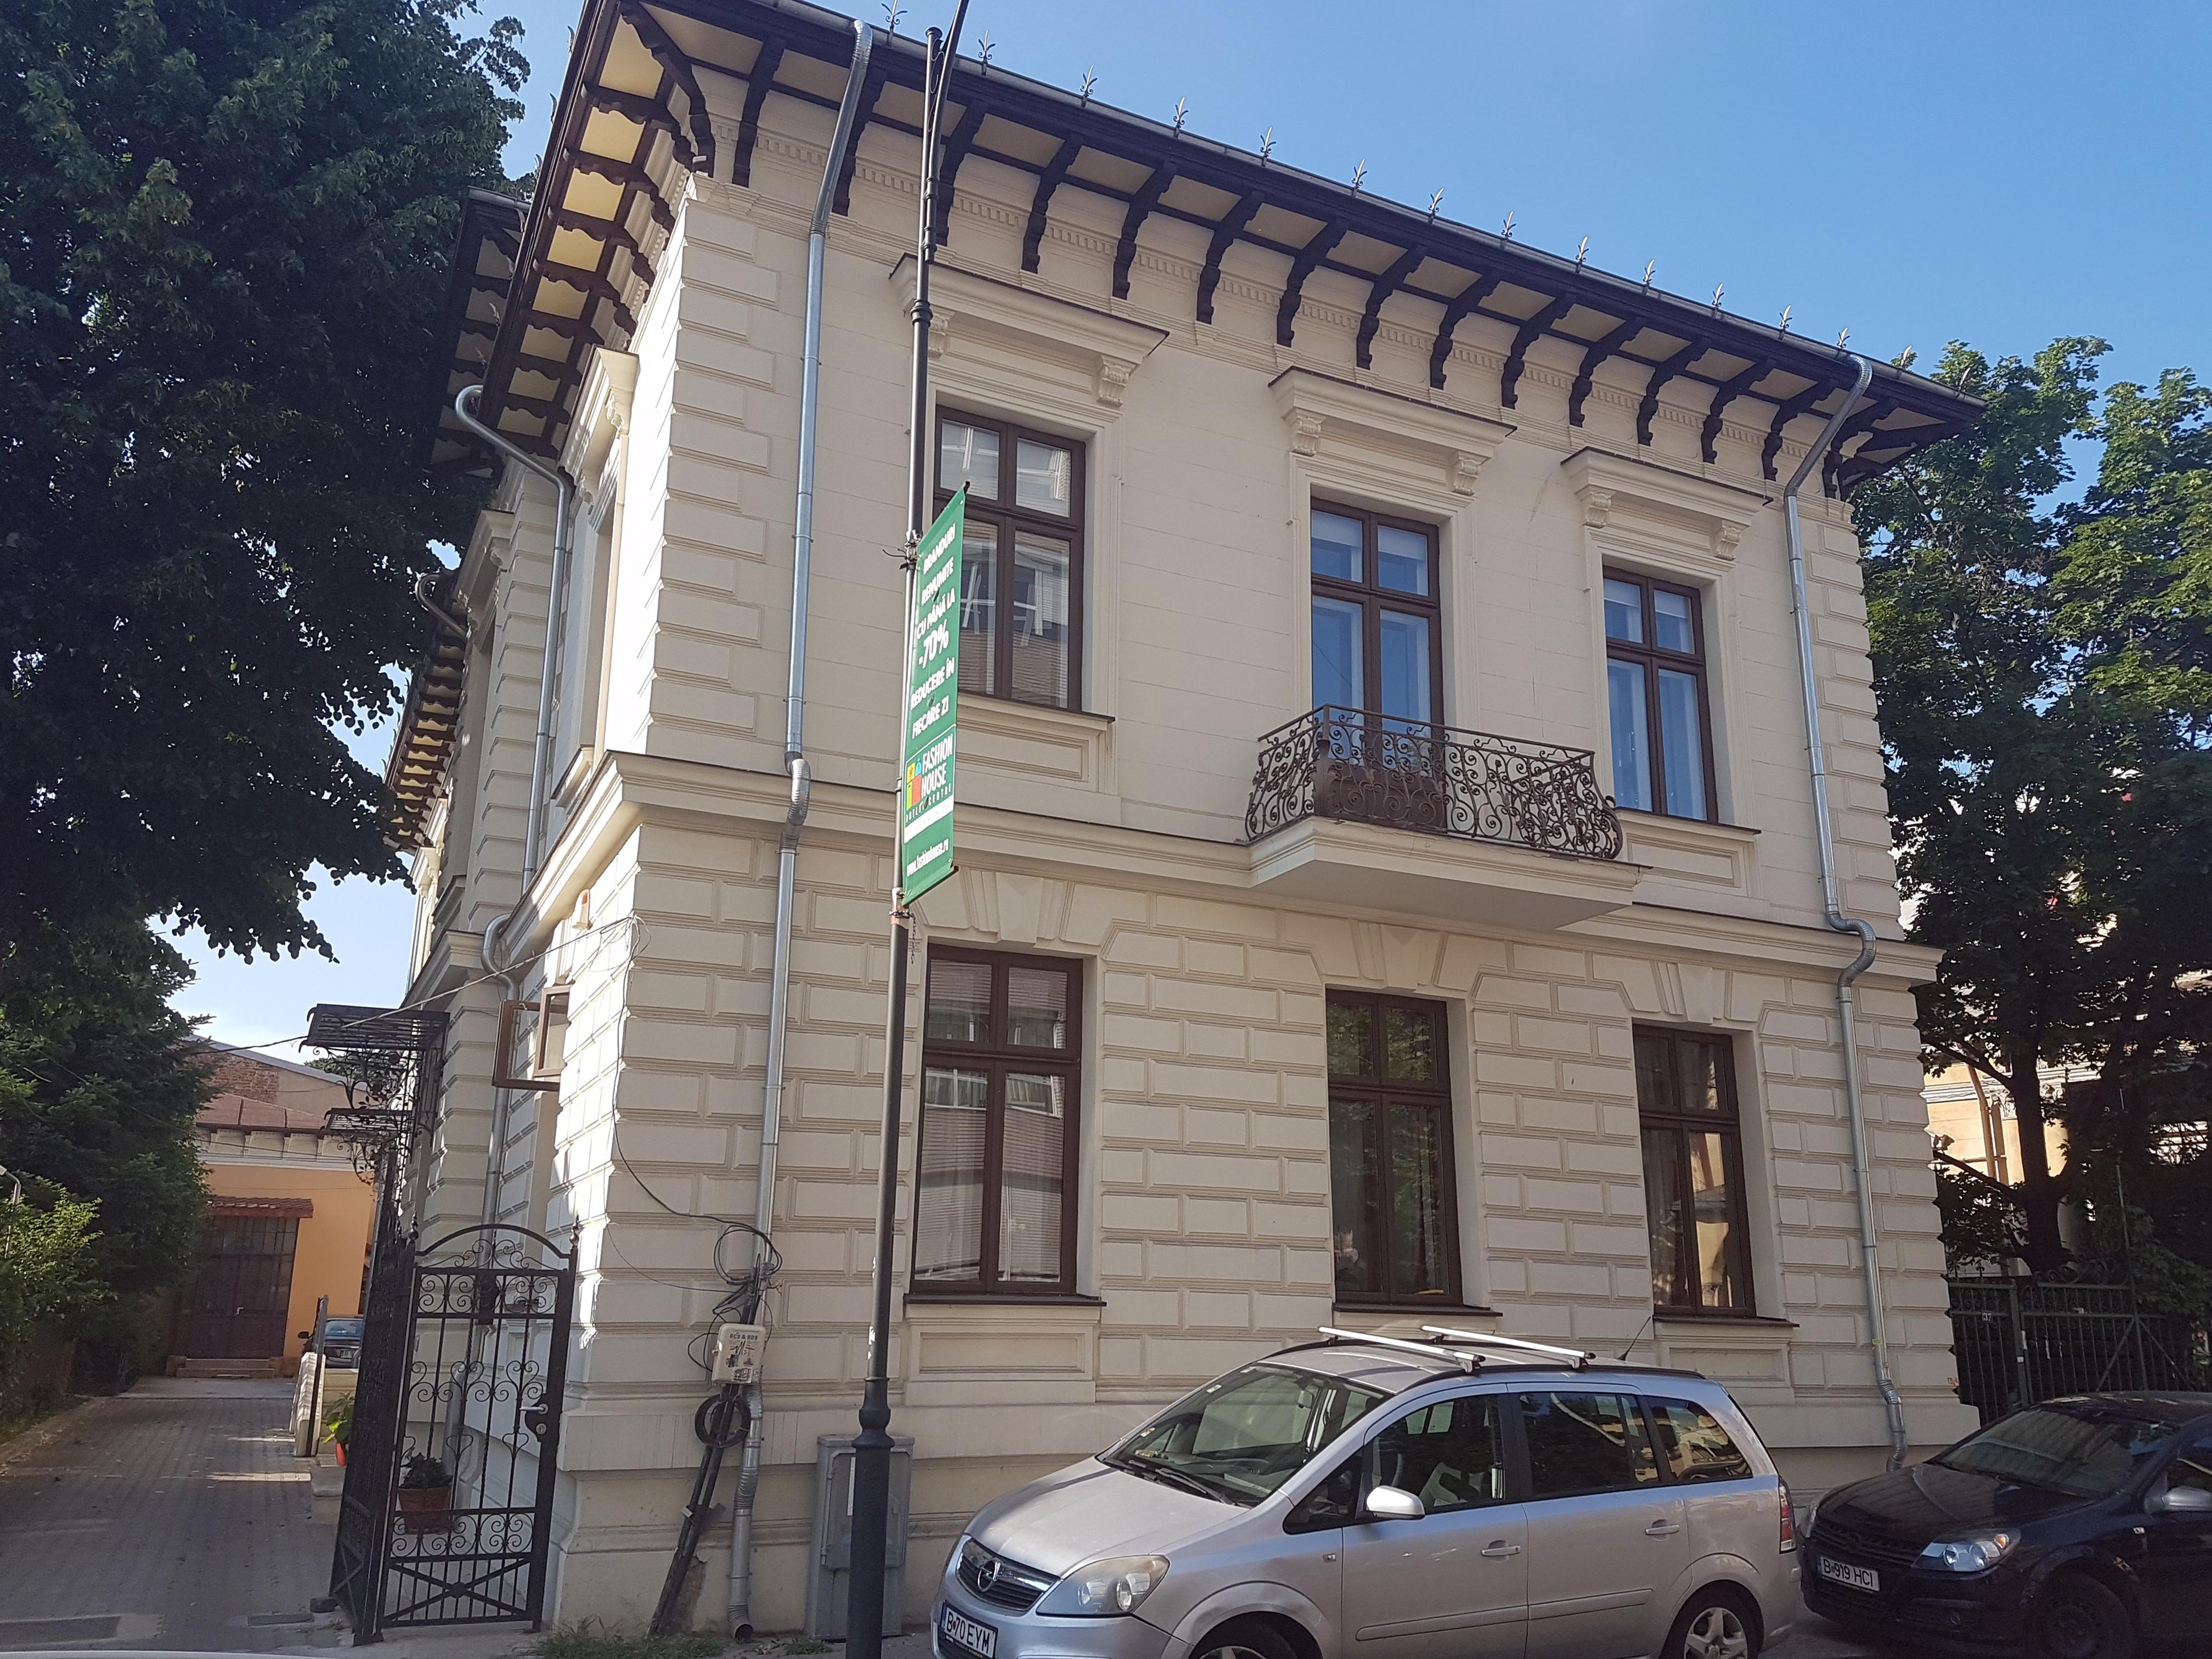 Un bloc cu patru etaje ar putea apărea în zona protejată Mihai Eminescu, vizavi de casa Henrieta Delavrancea, monument istoric. Cum a fost distrusă zona în ultimii 15 ani 8